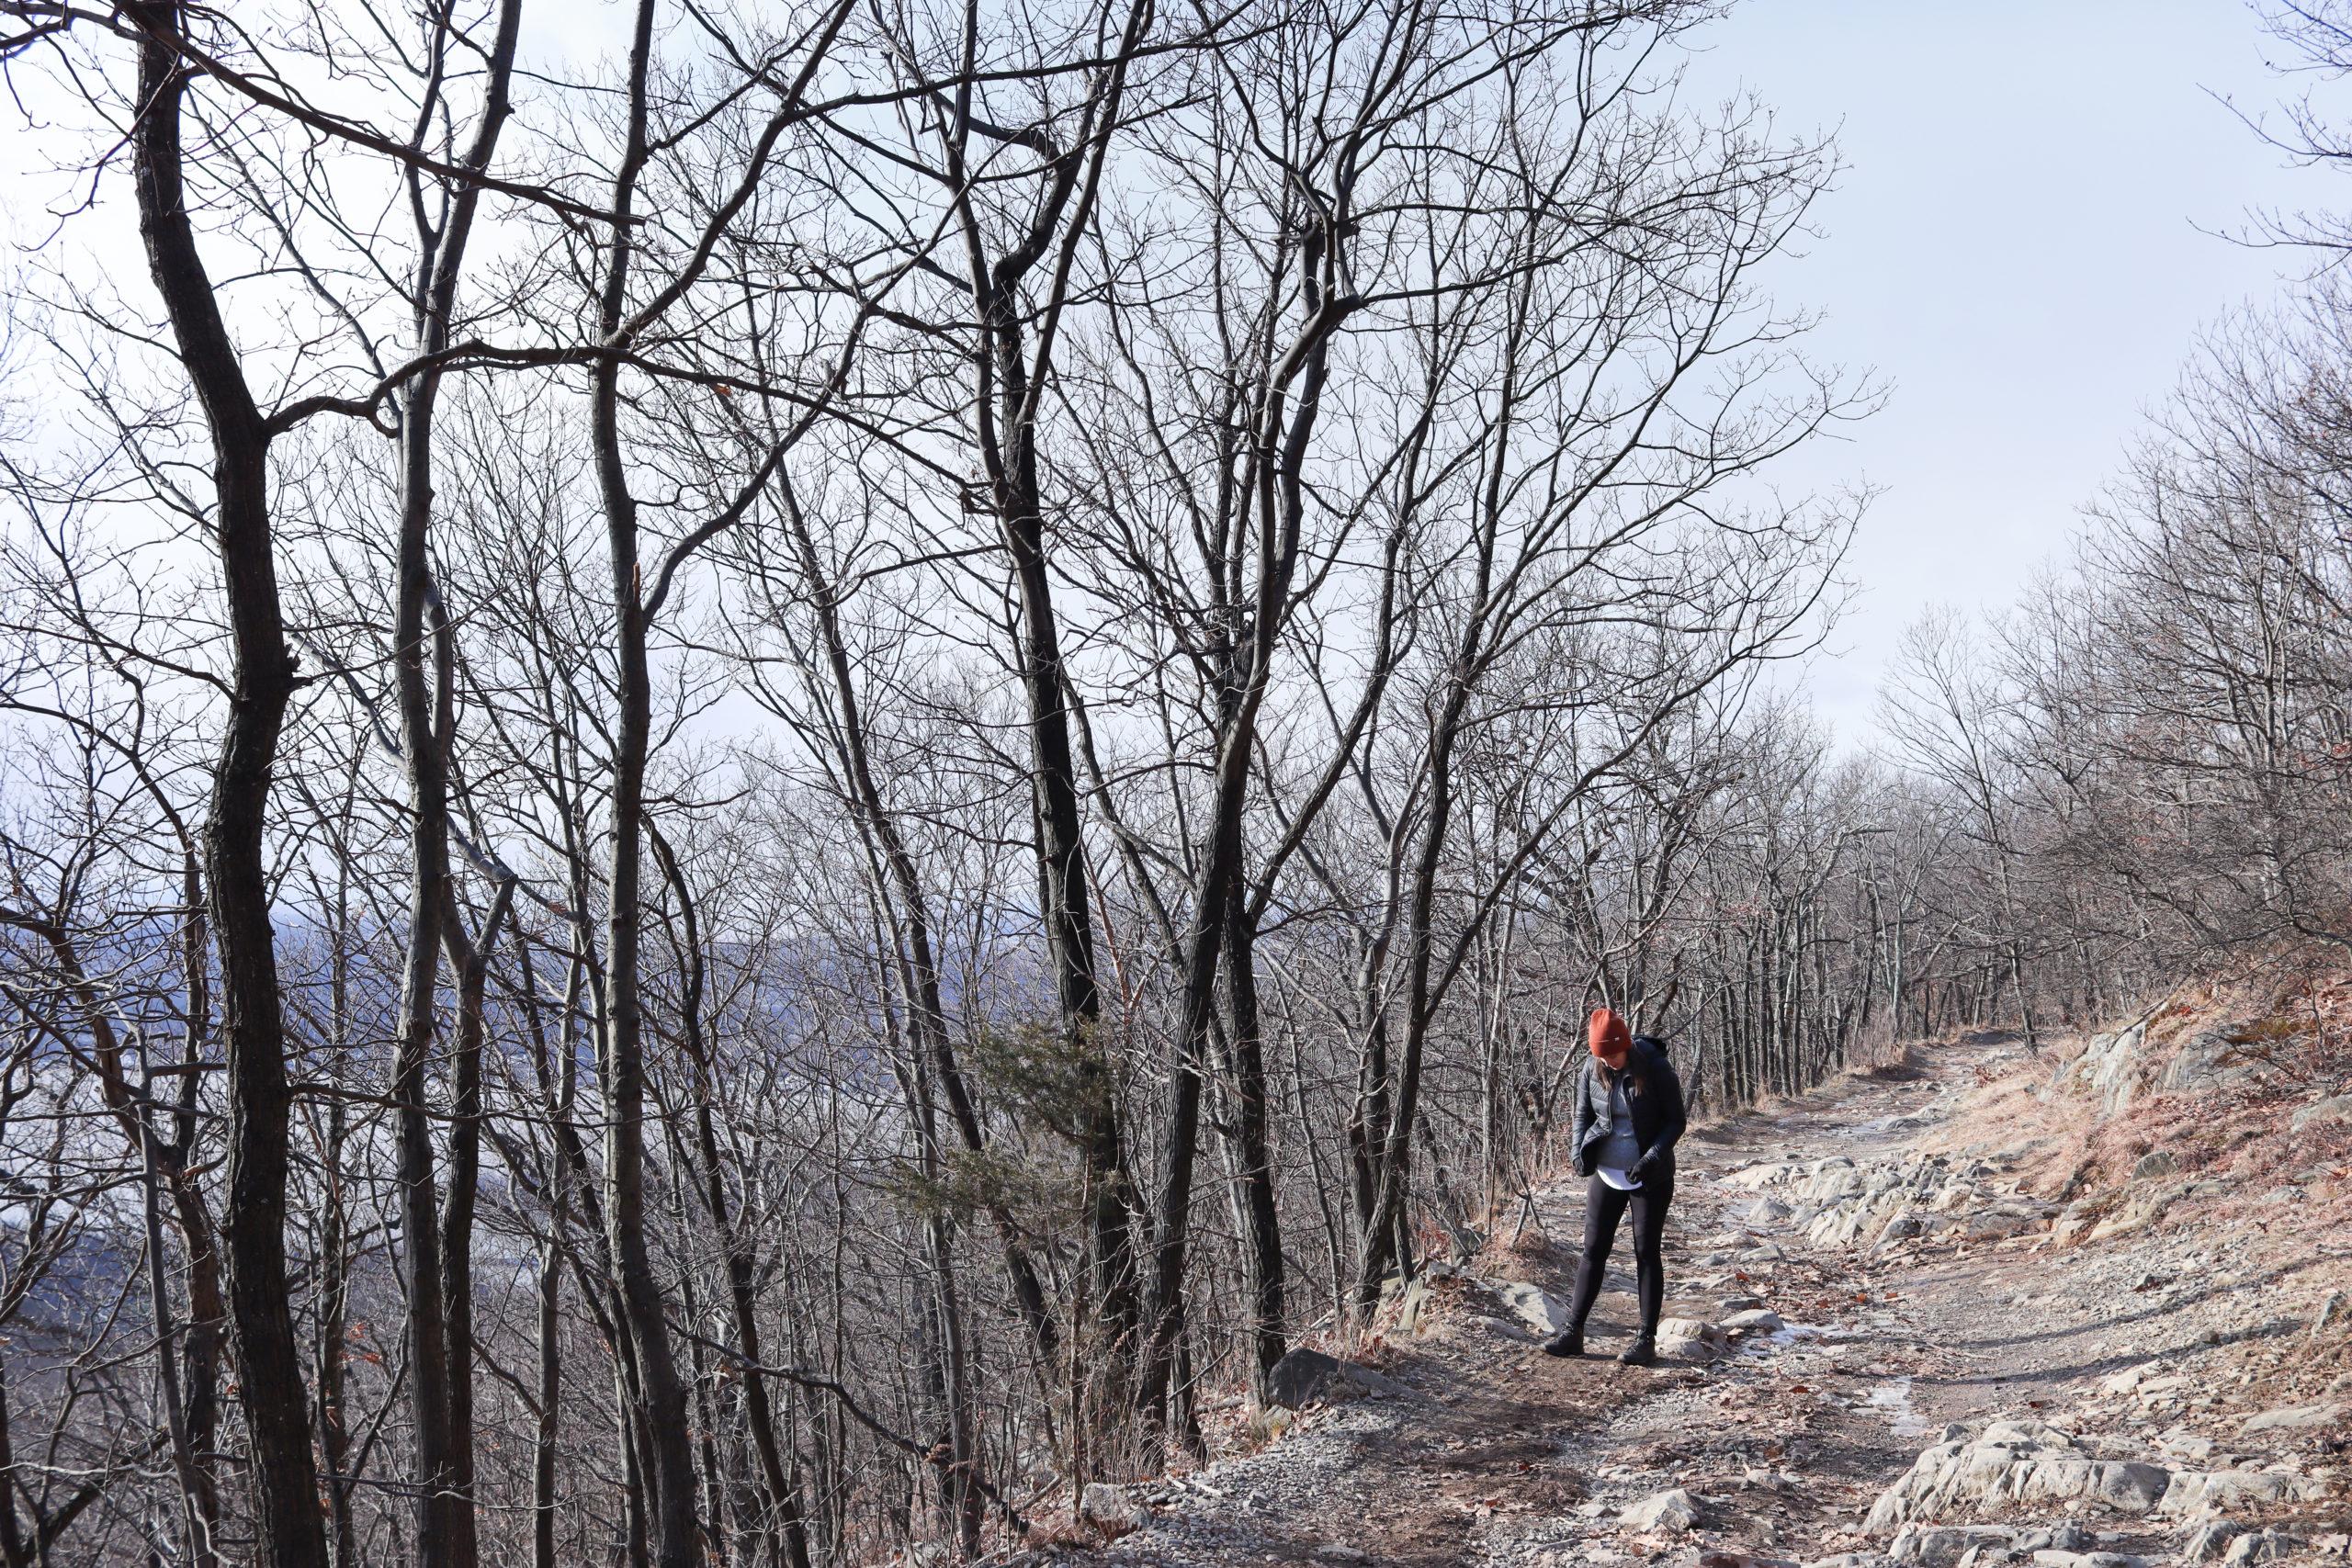 Woman on Mount beacon hike